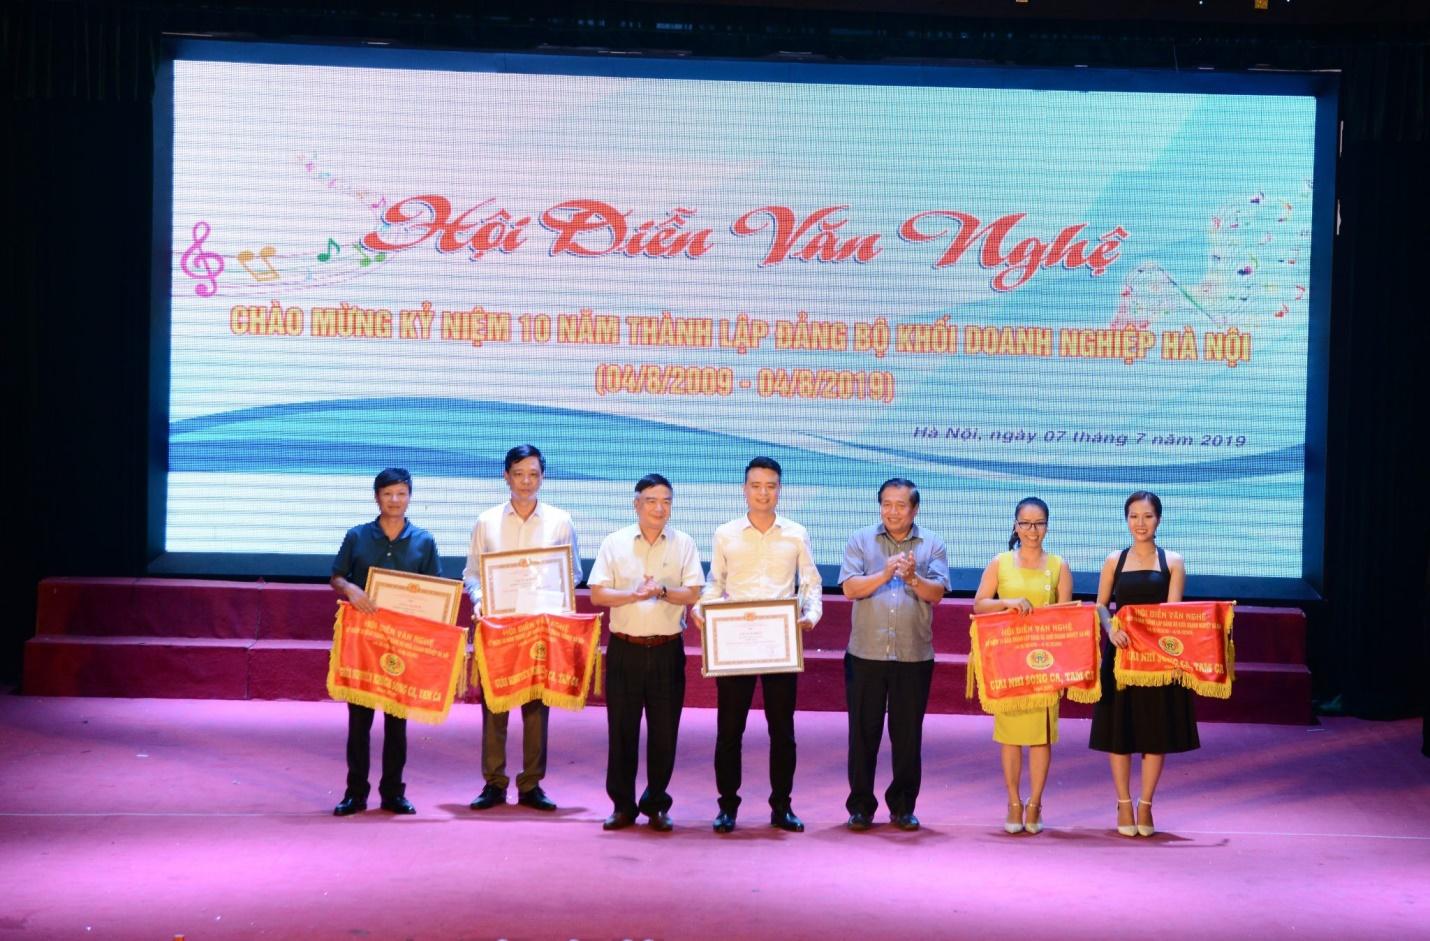 Urenco đạt giải cao trong hội diễn văn nghệ kỷ niệm 10 năm thành lập Đảng bộ Khối Doanh nghiệp Hà Nội